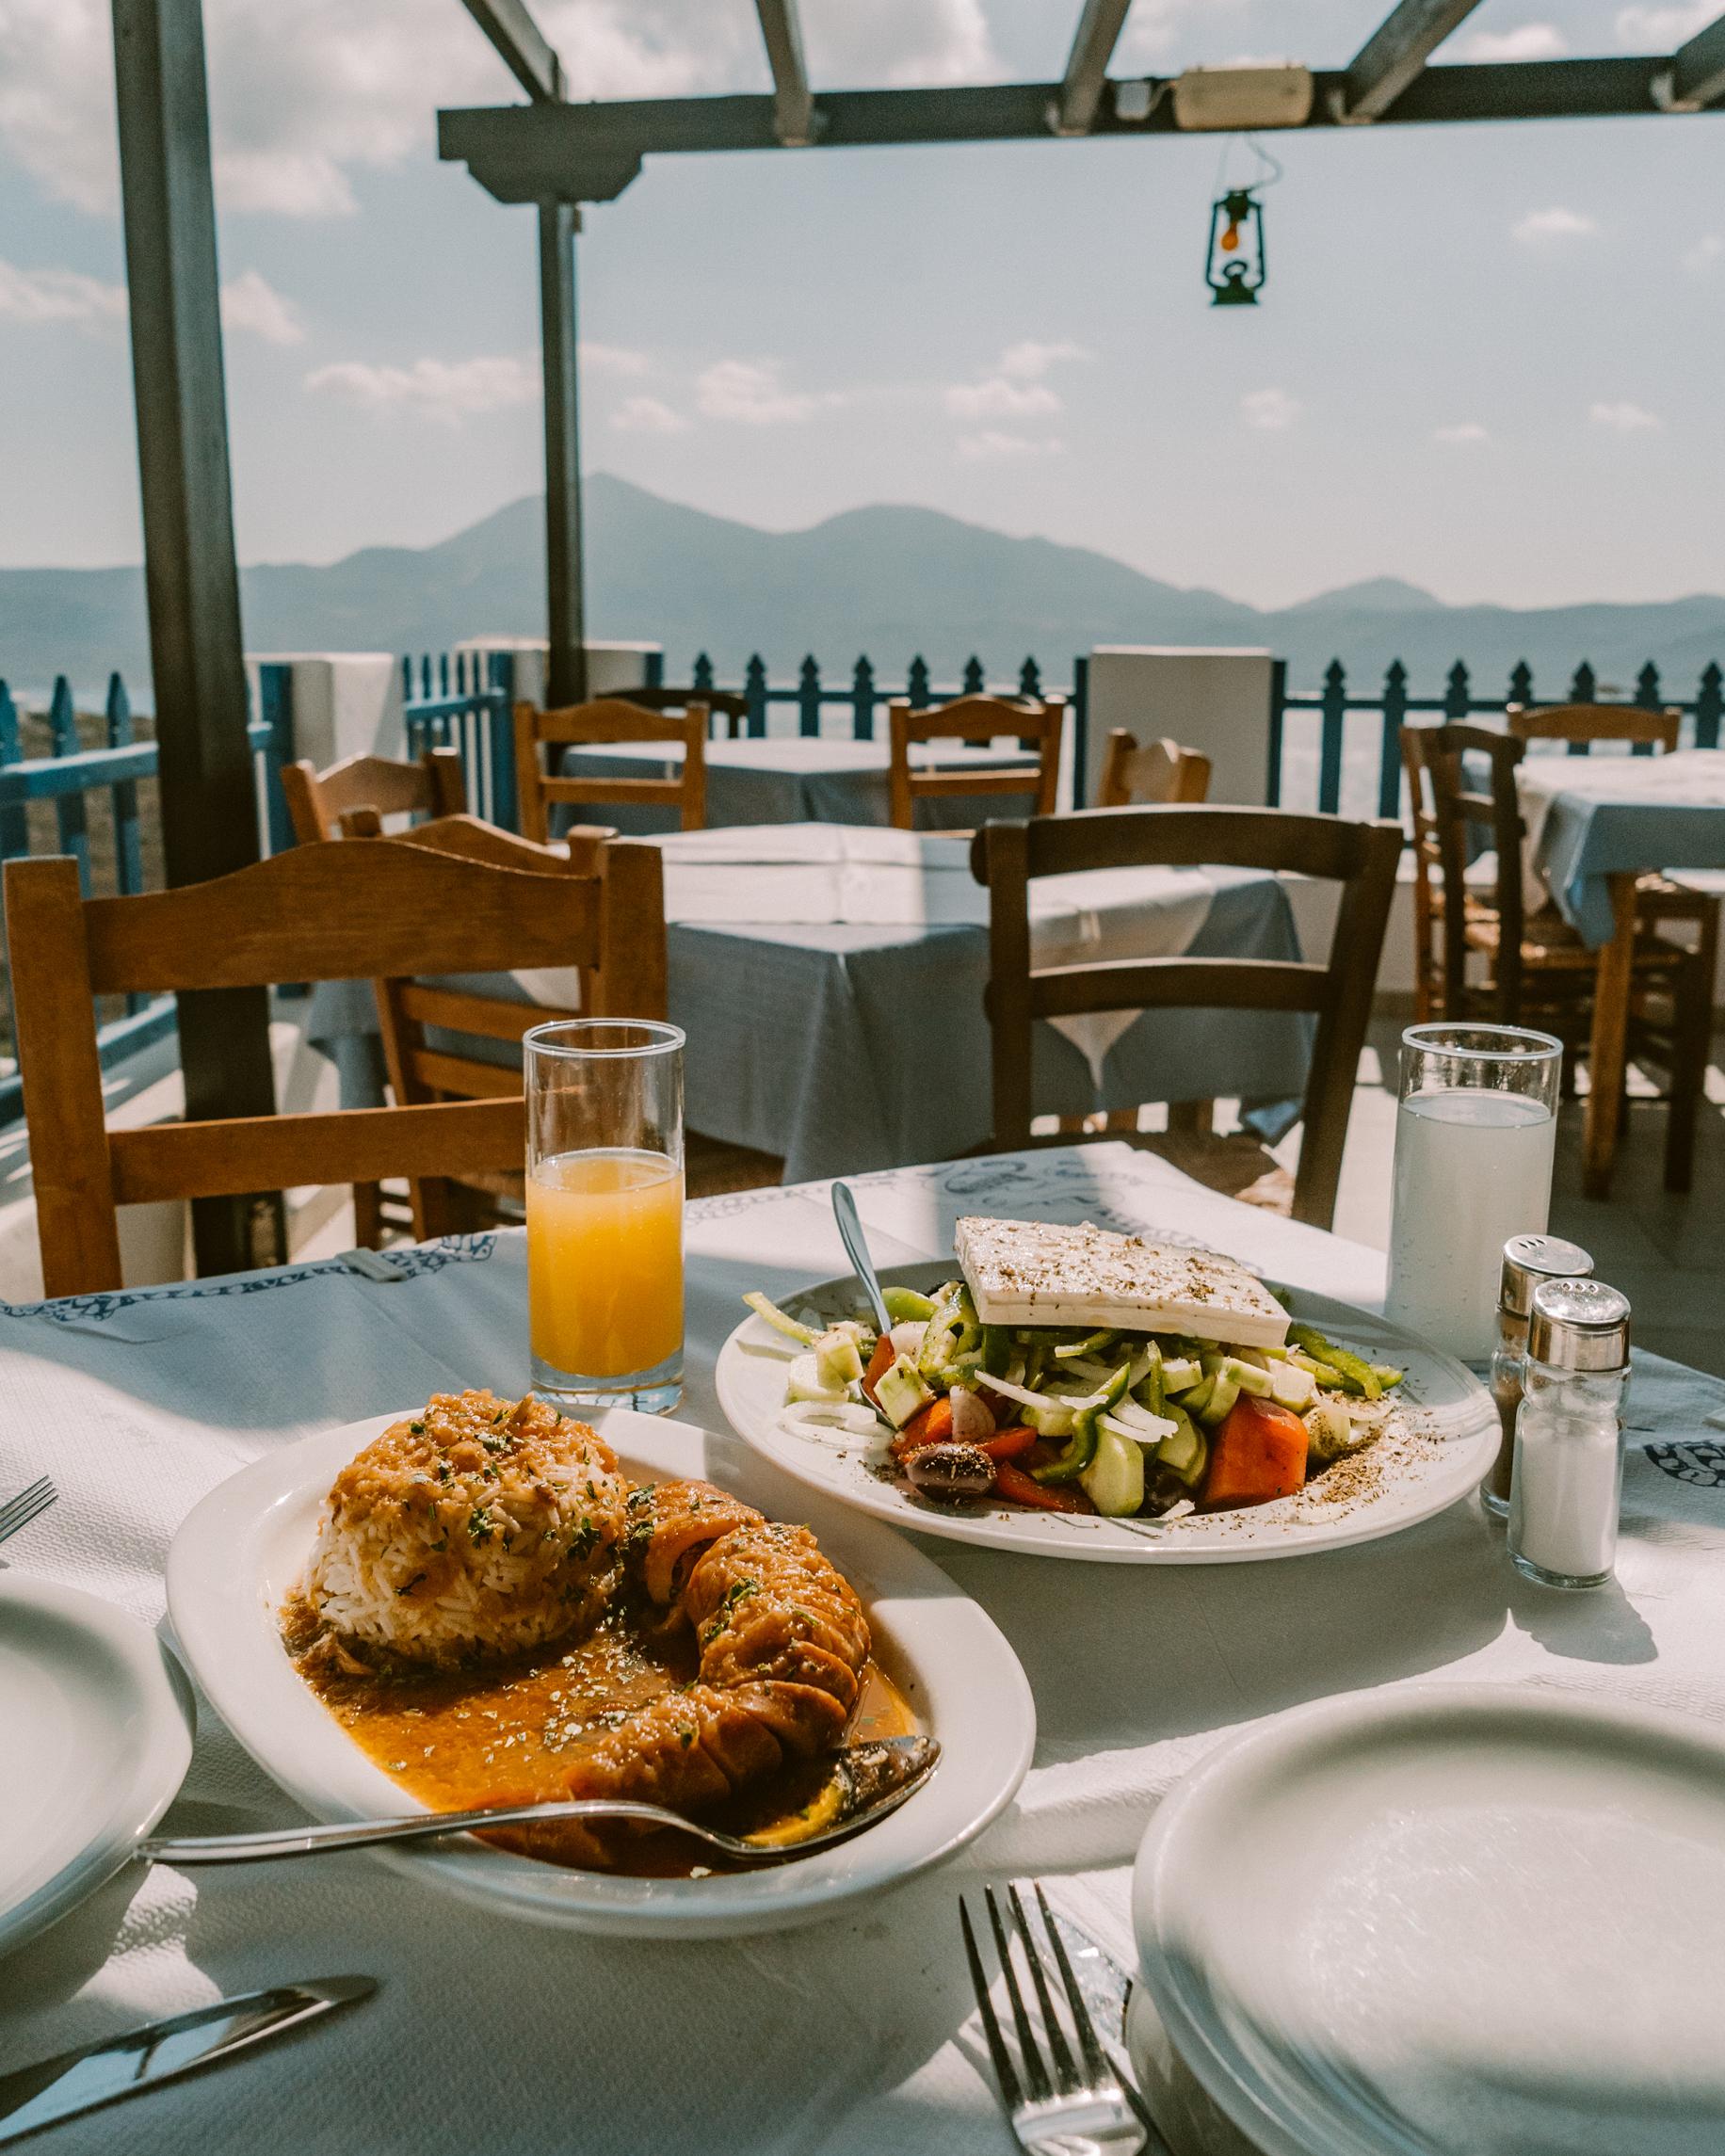 希腊米洛斯市普拉卡的Ergina酒馆的新鲜希腊沙拉和鱿鱼特色菜